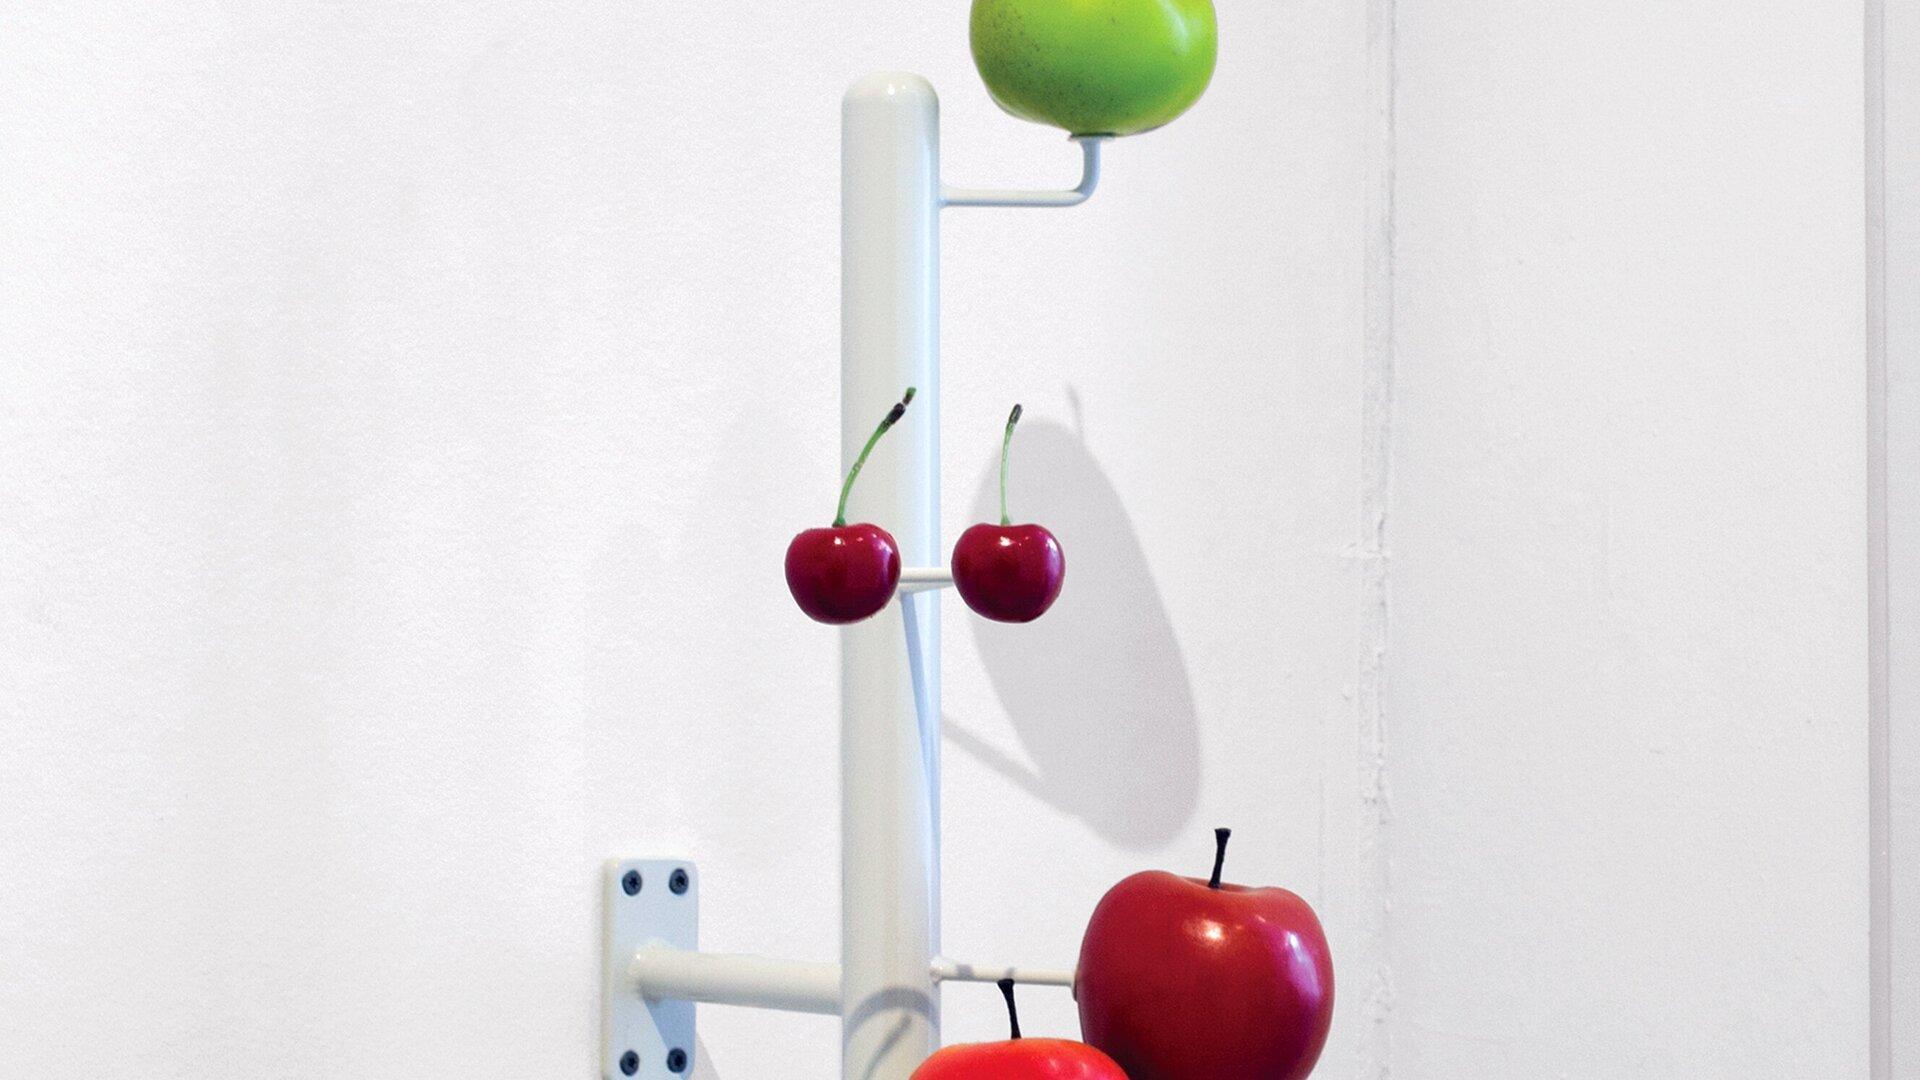 tim-hollanderoooo-low-hanging-fruit-2020-1-1.jpg